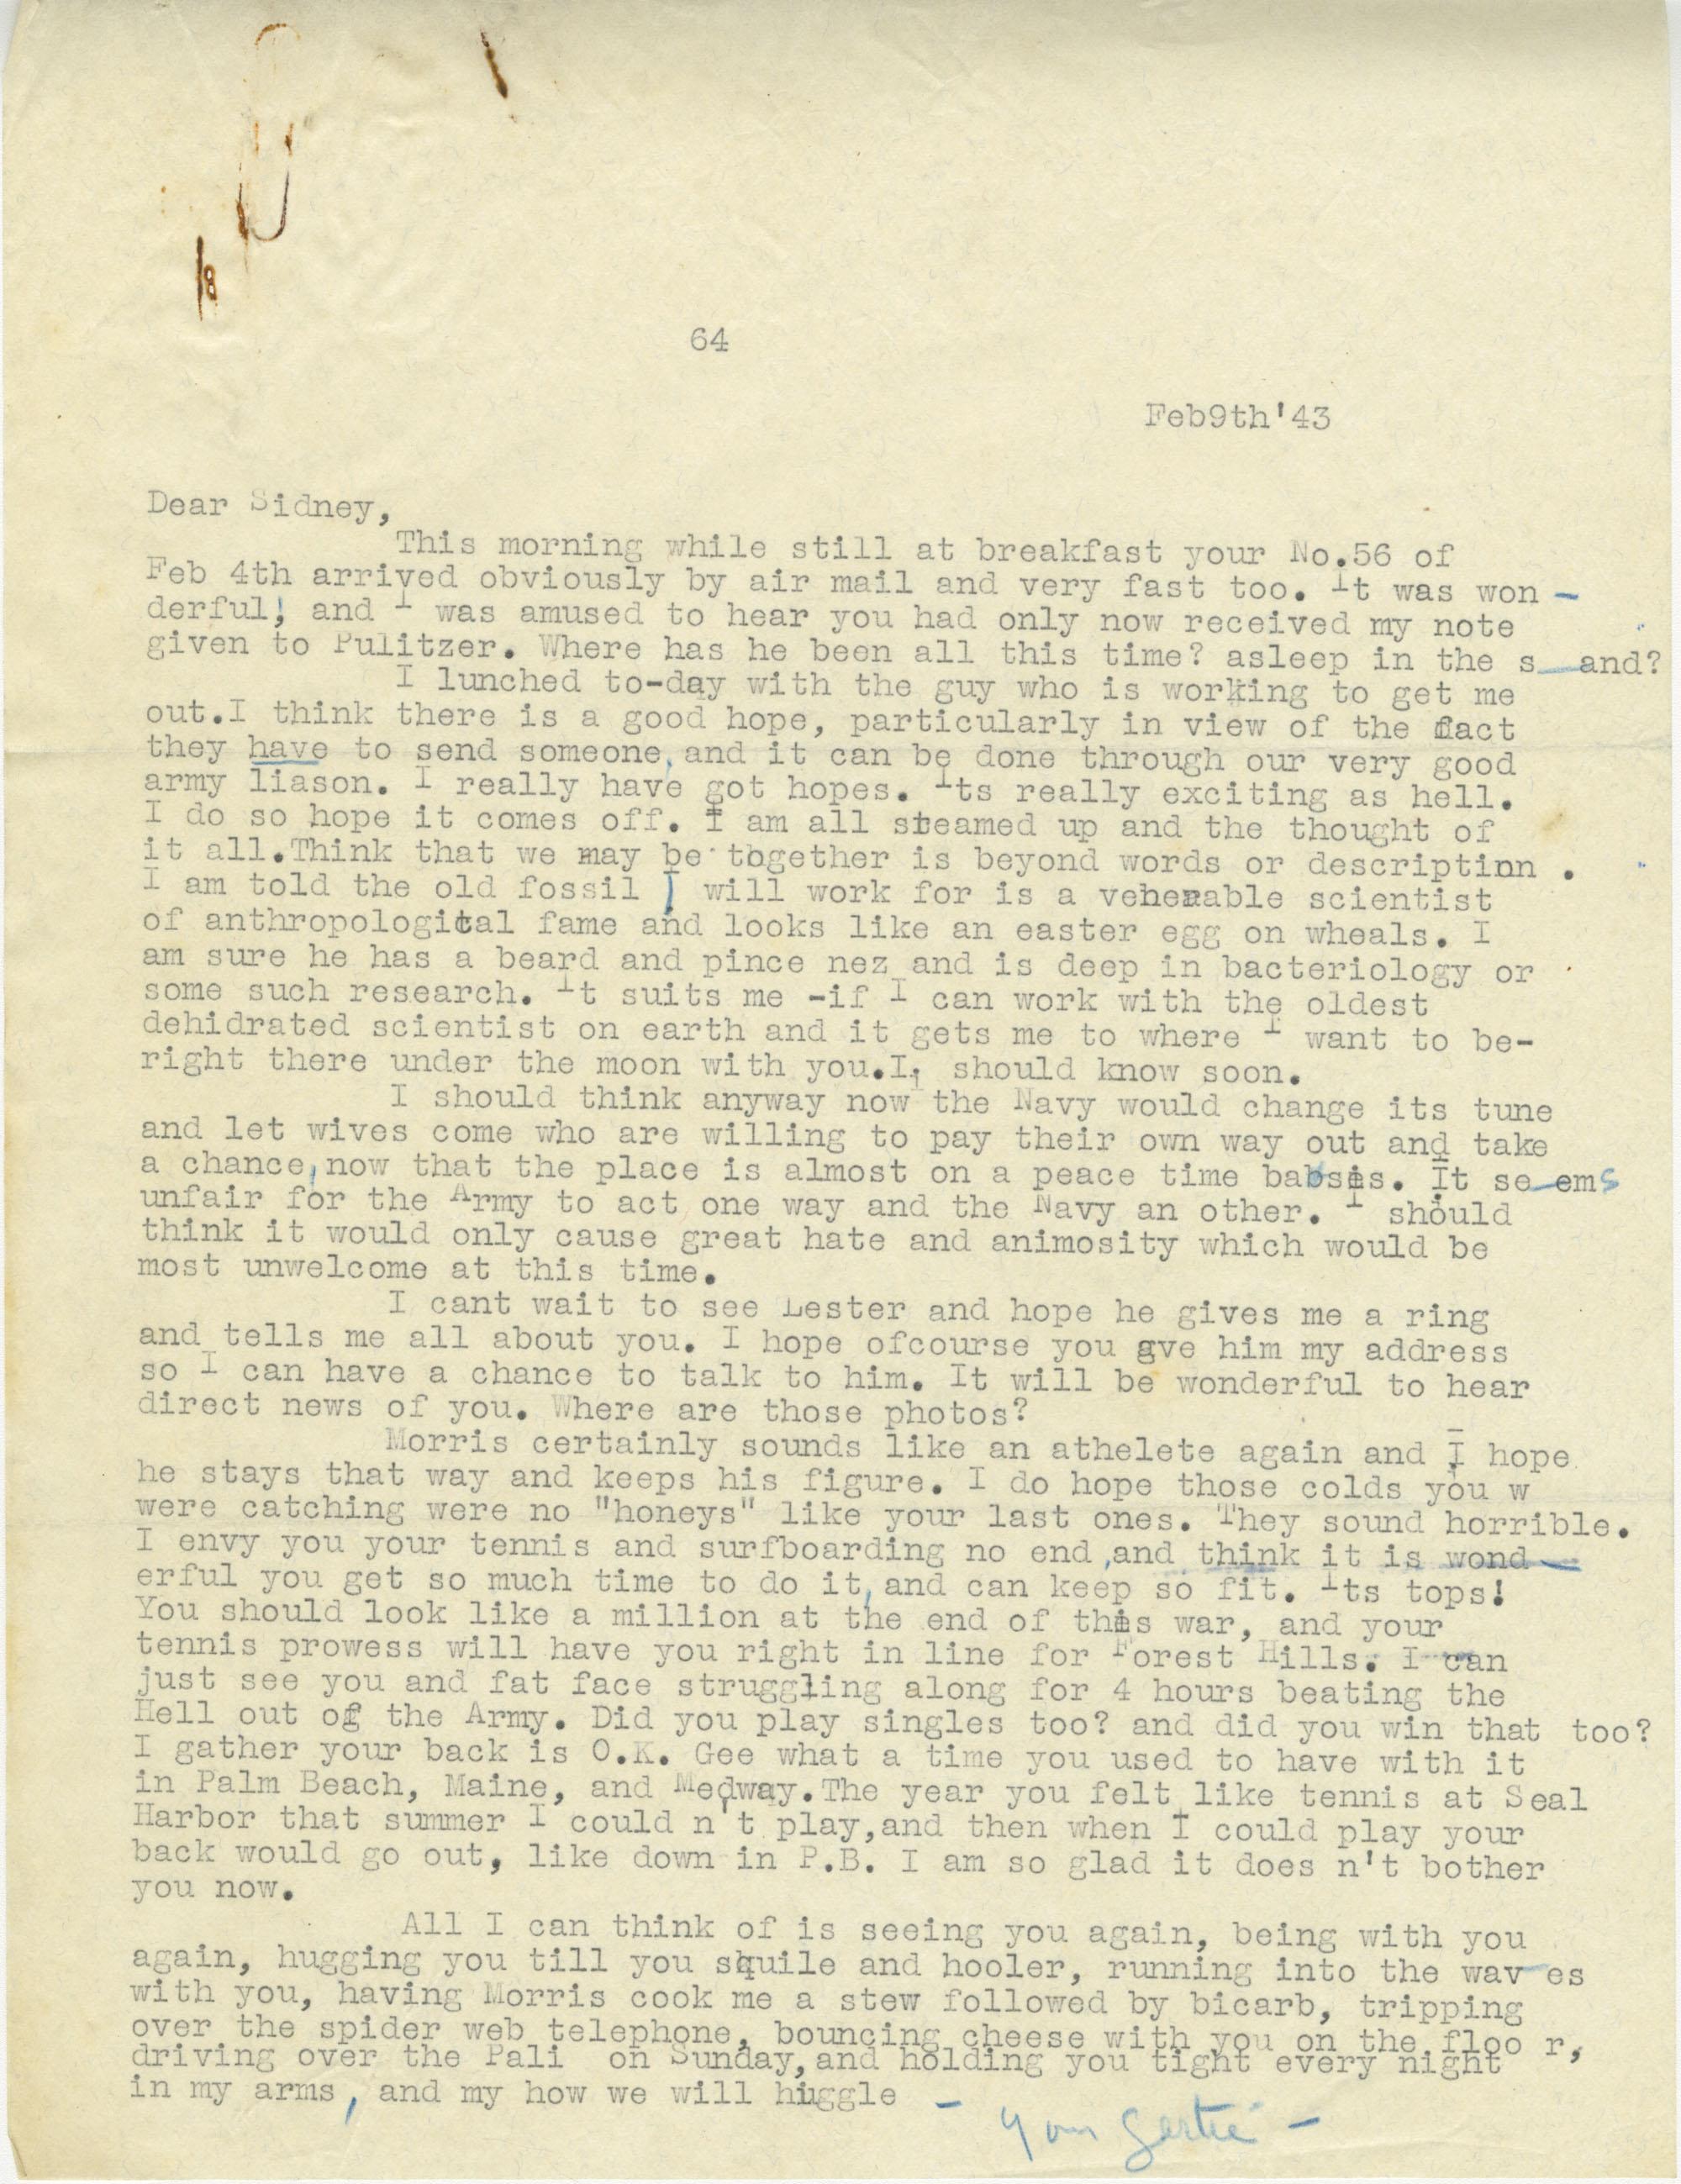 Letter from Gertrude Sanford Legendre, February 9, 1943